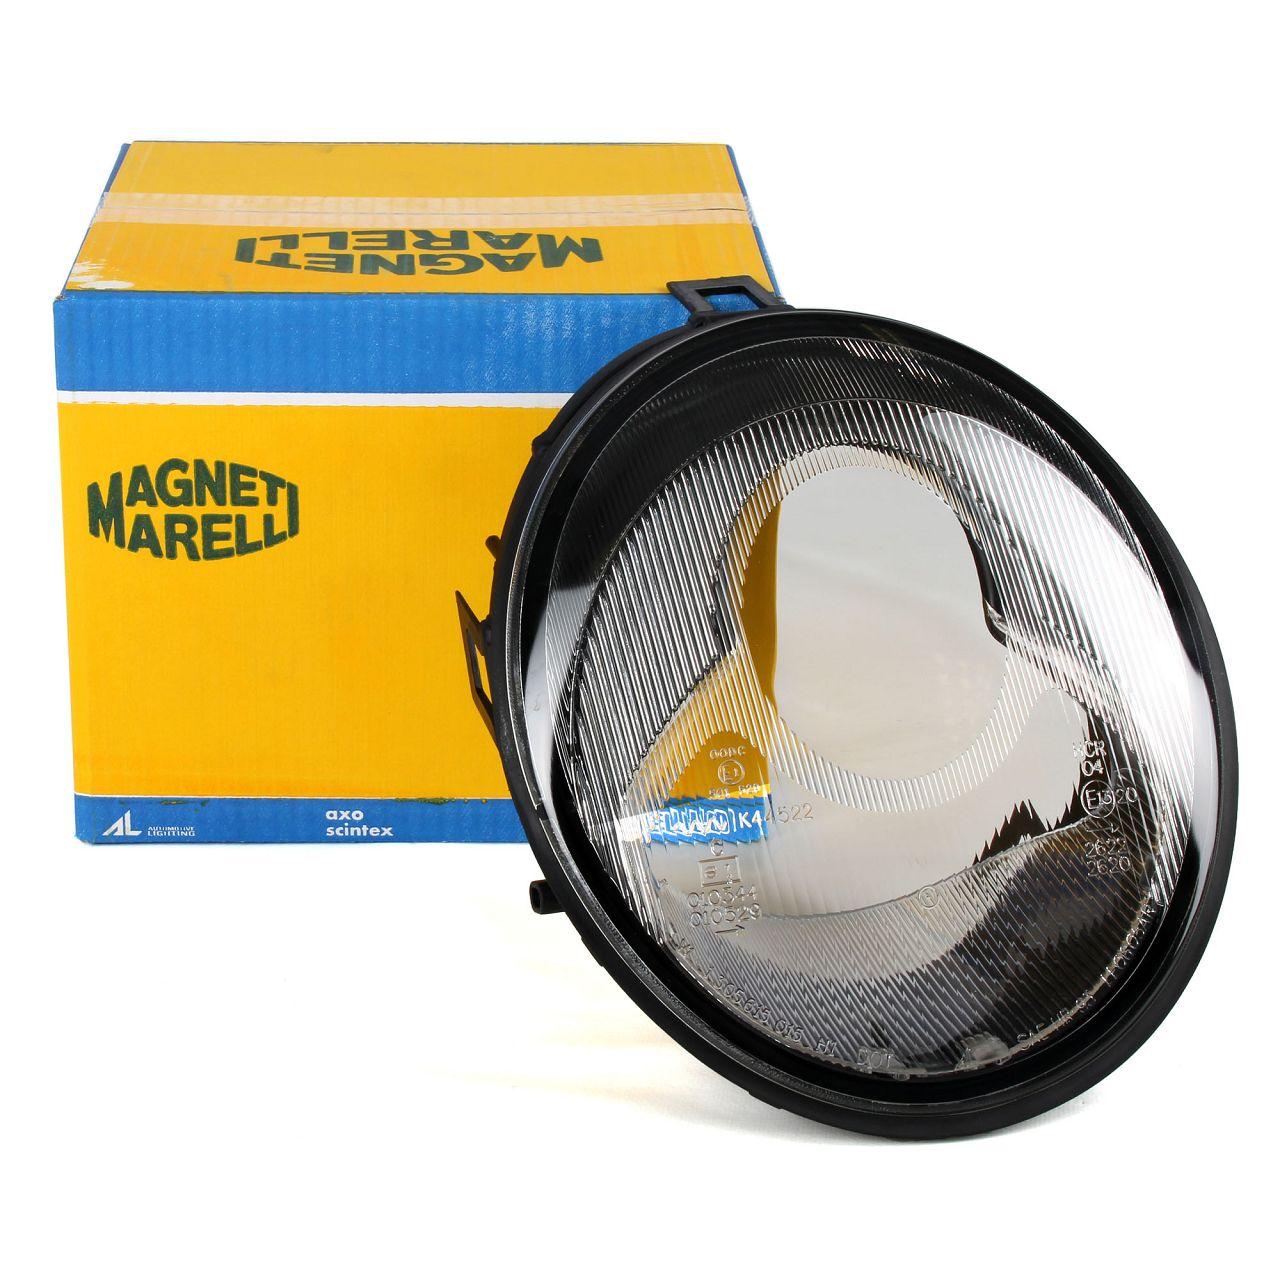 MAGNETI MARELLI Streuscheibe Scheinwerfer-Glas für PORSCHE 911 (993) rechts